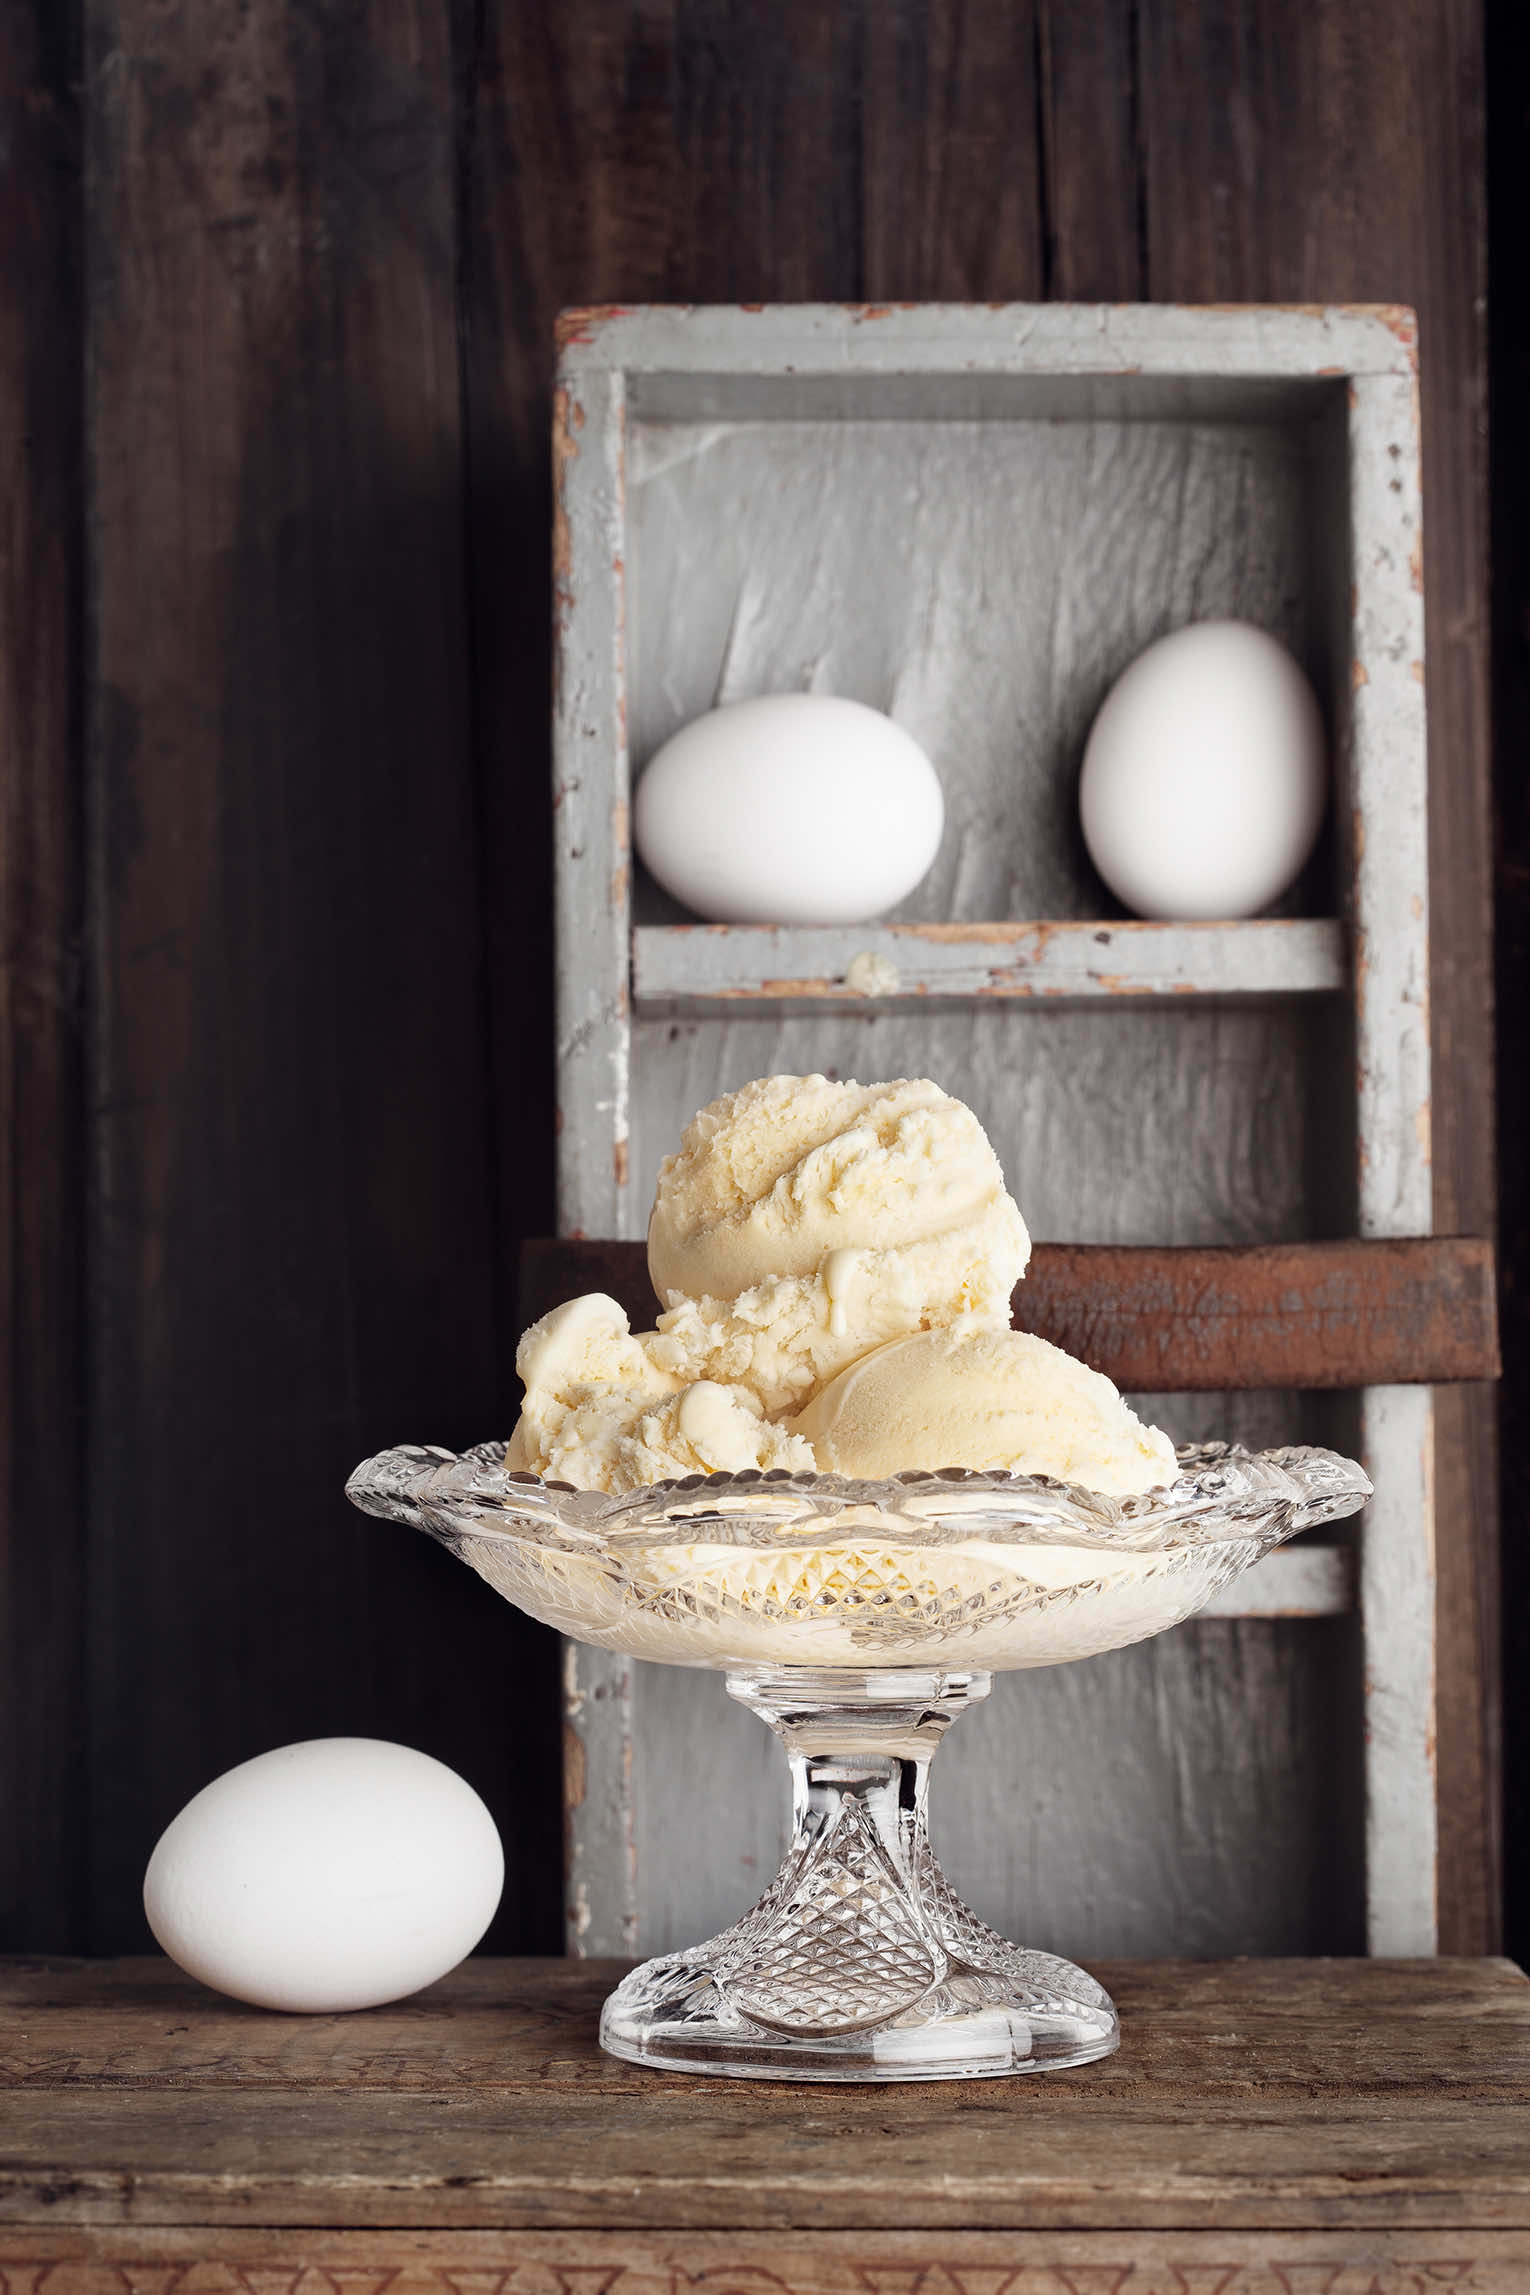 ägglikörglass med ägg som påskdessert